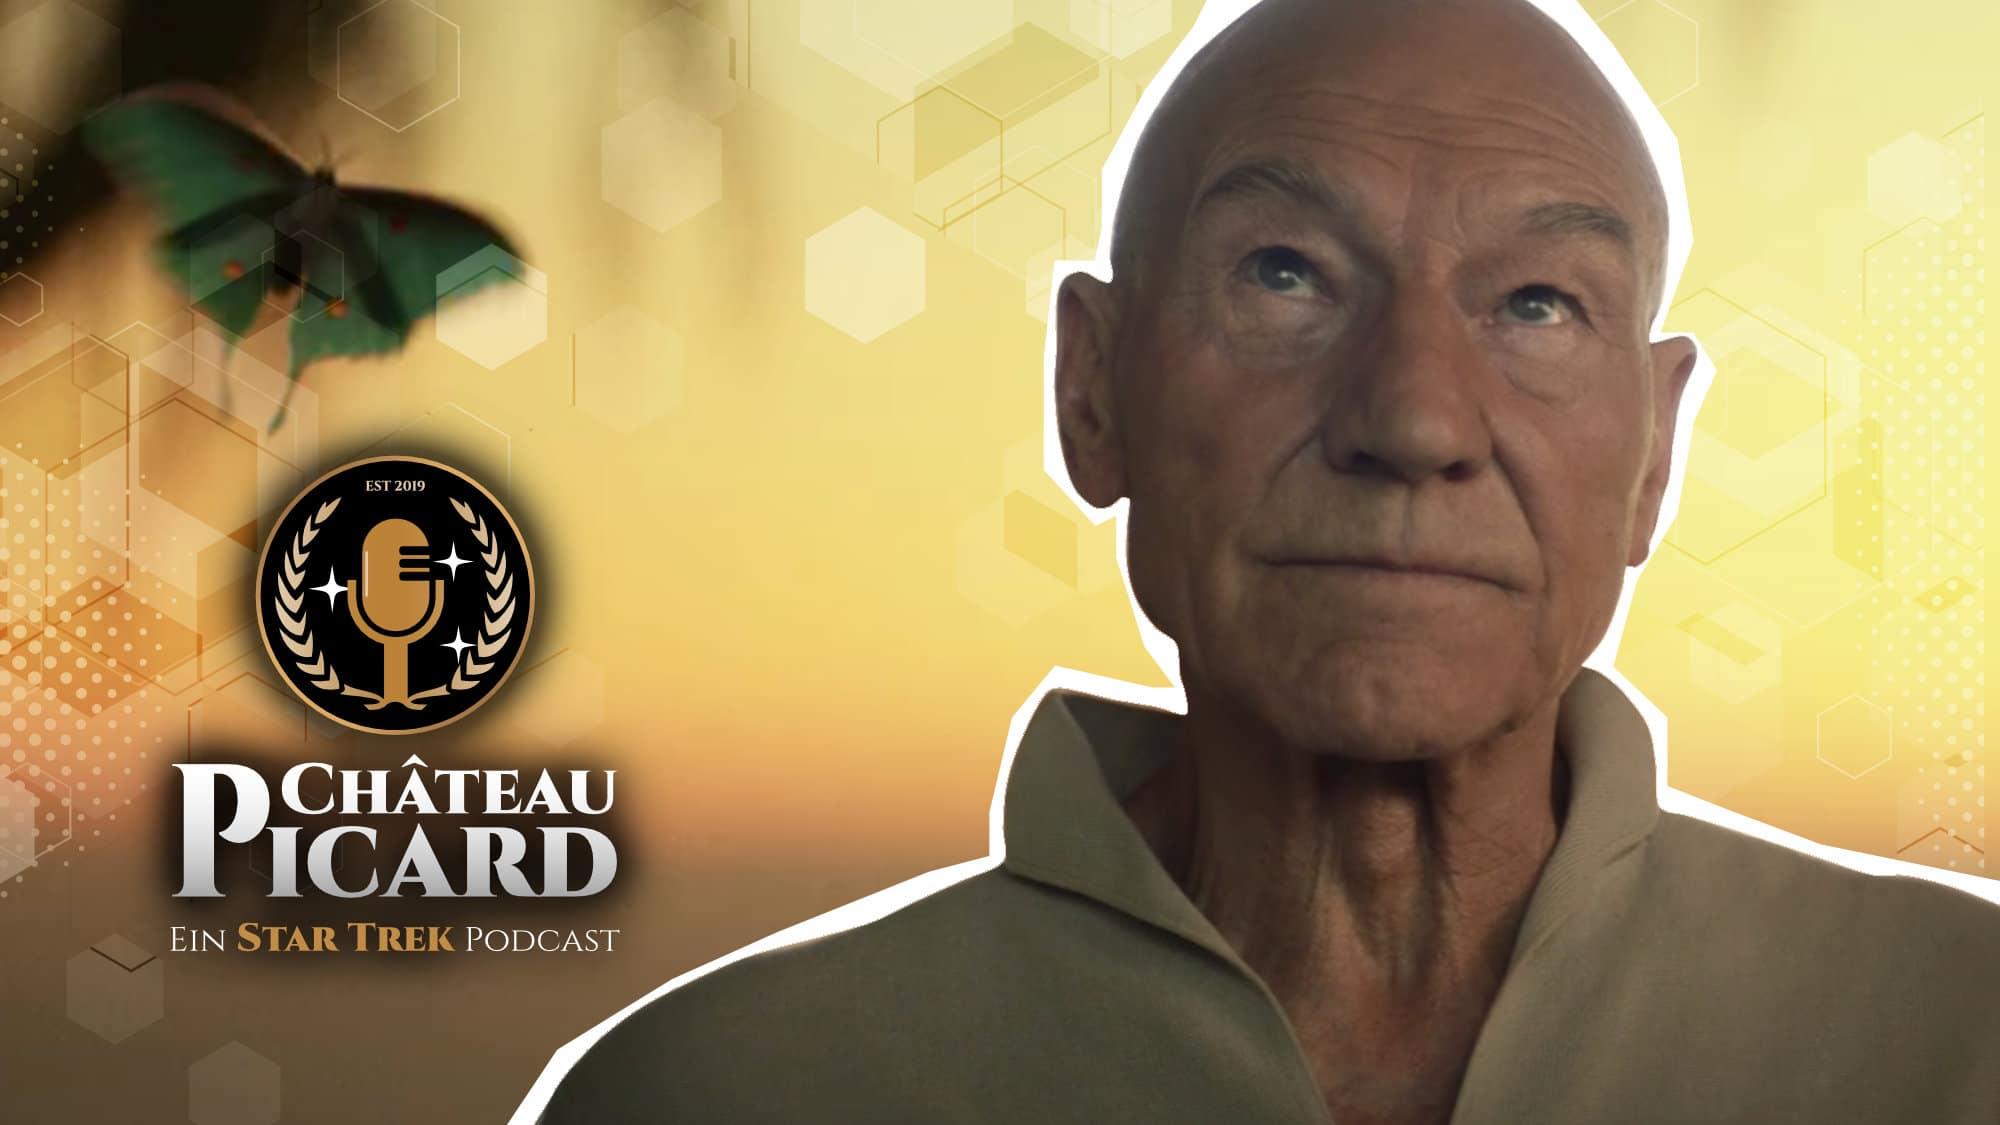 Folgenbild zur Folge Stoff, aus dem Träume entstehen, in Star Trek: Picard